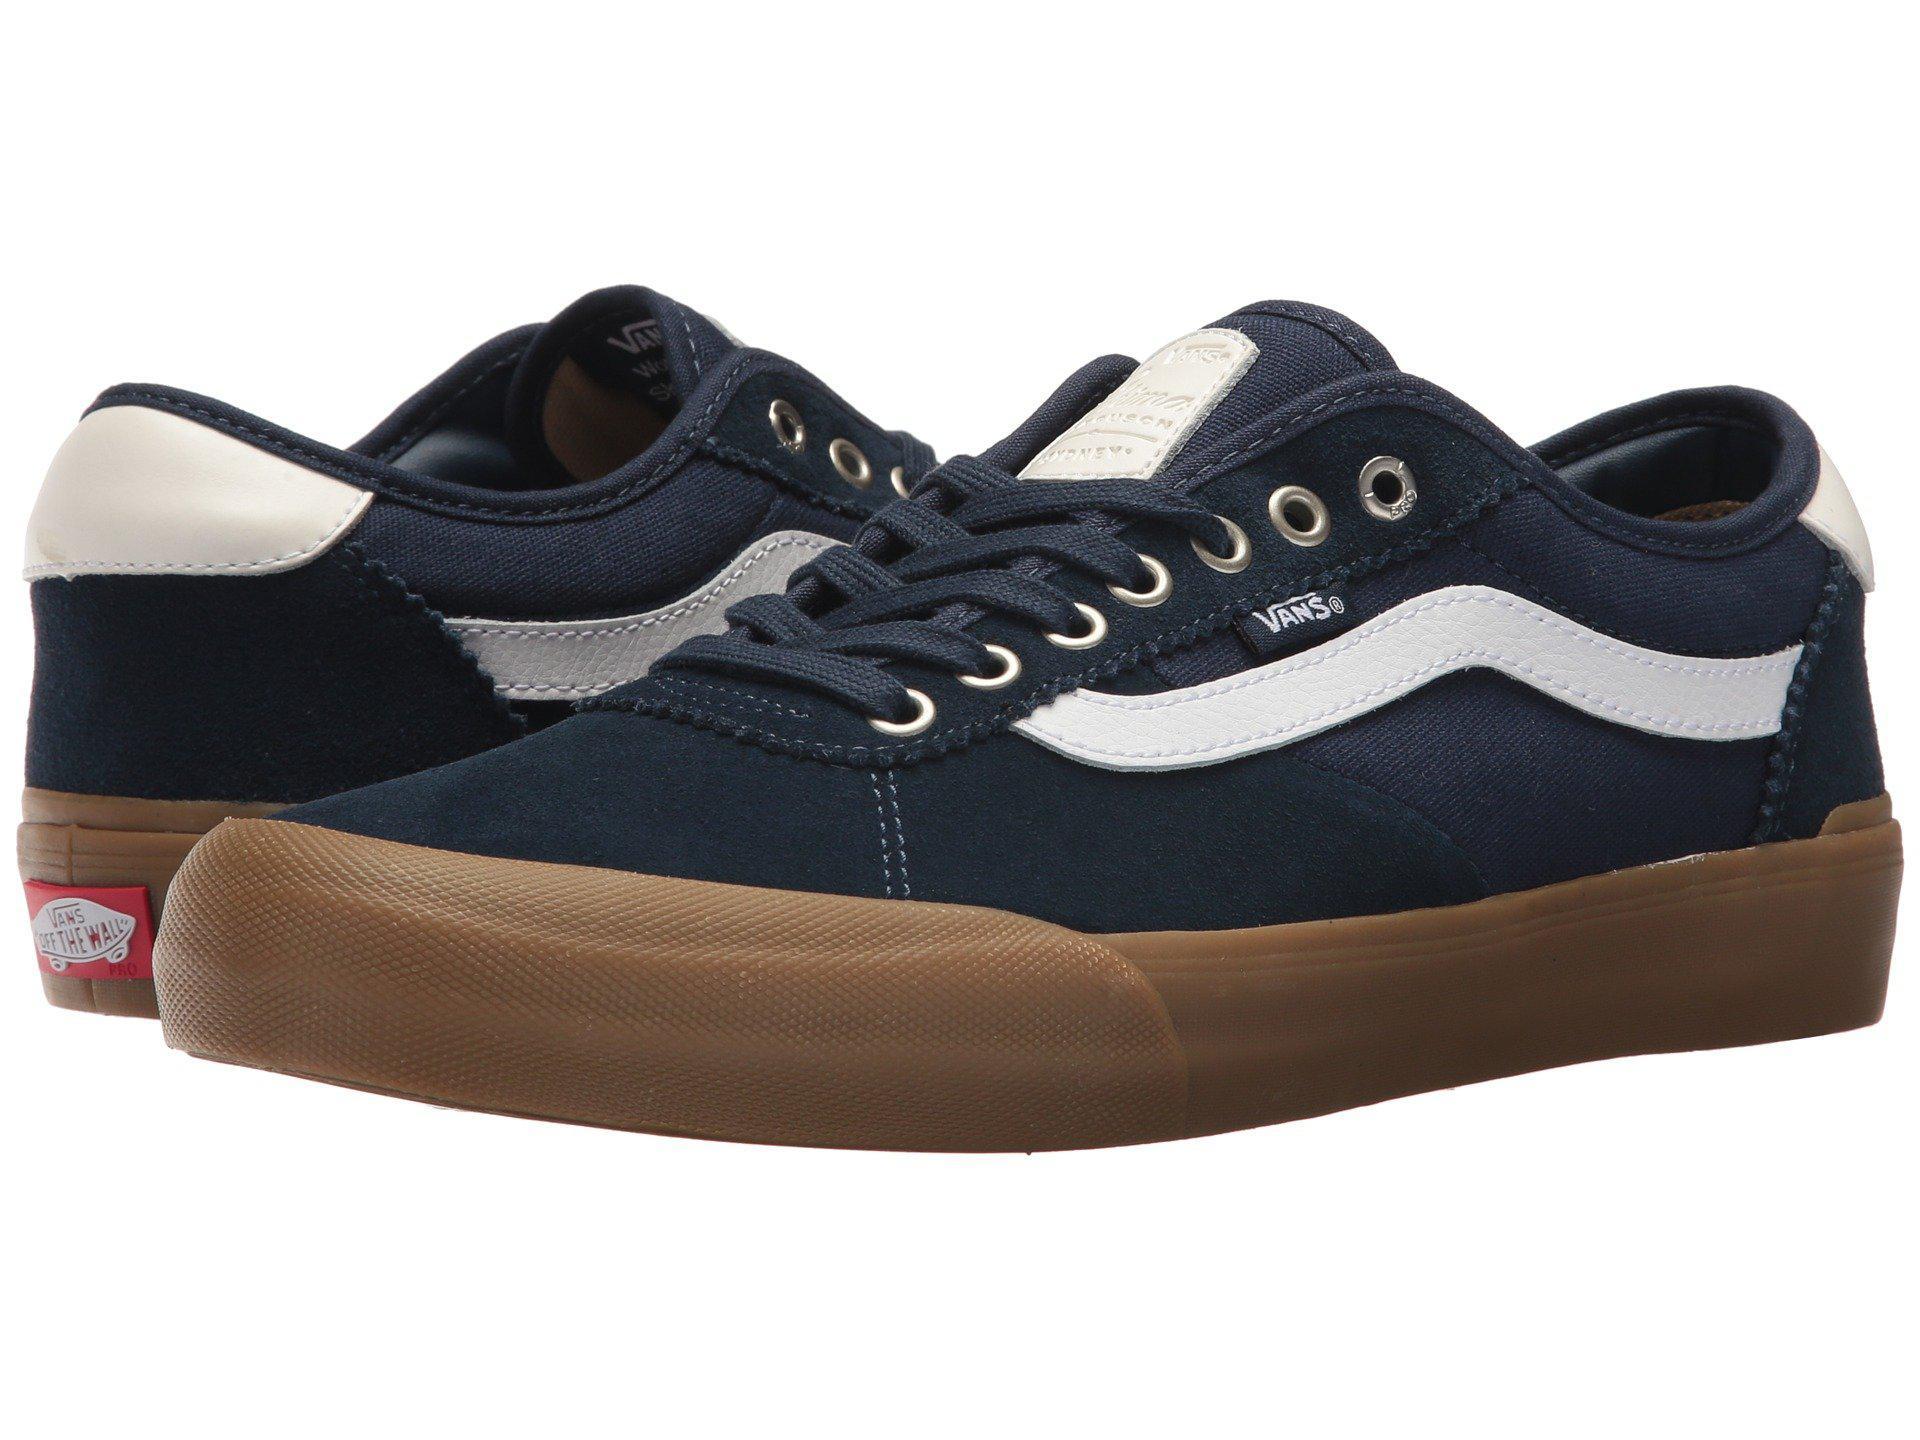 Lyst - Vans Chima Pro 2 (navy gum white) Men s Skate Shoes in Blue ... 78ddffe46